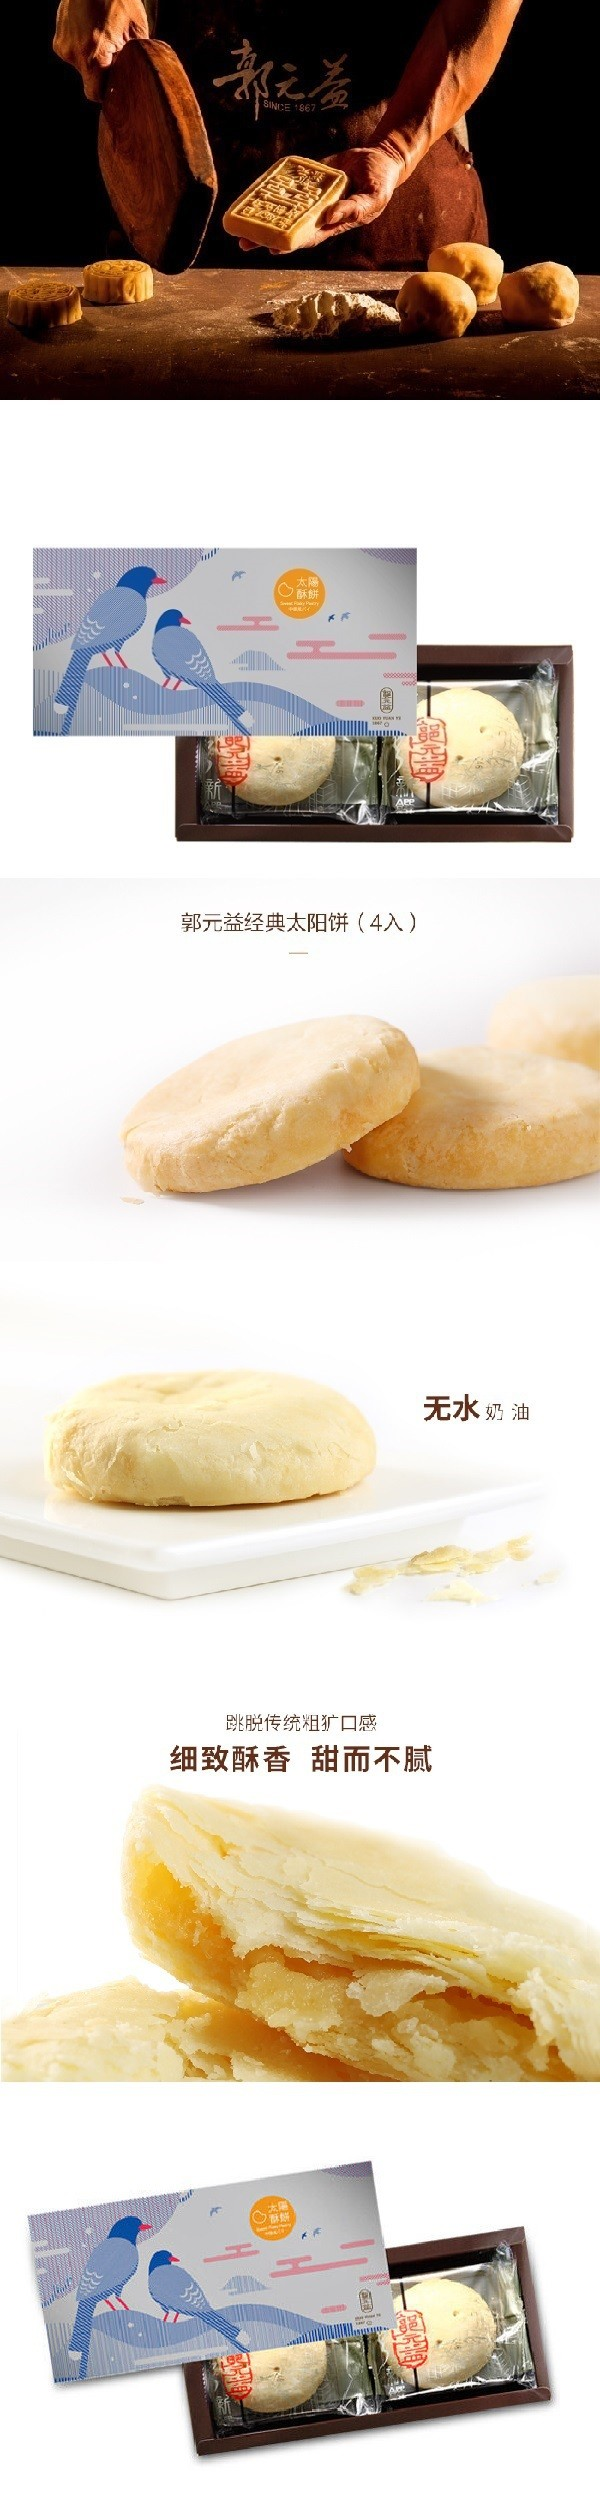 [台湾直邮]郭元益 太阳酥饼 192g 4入